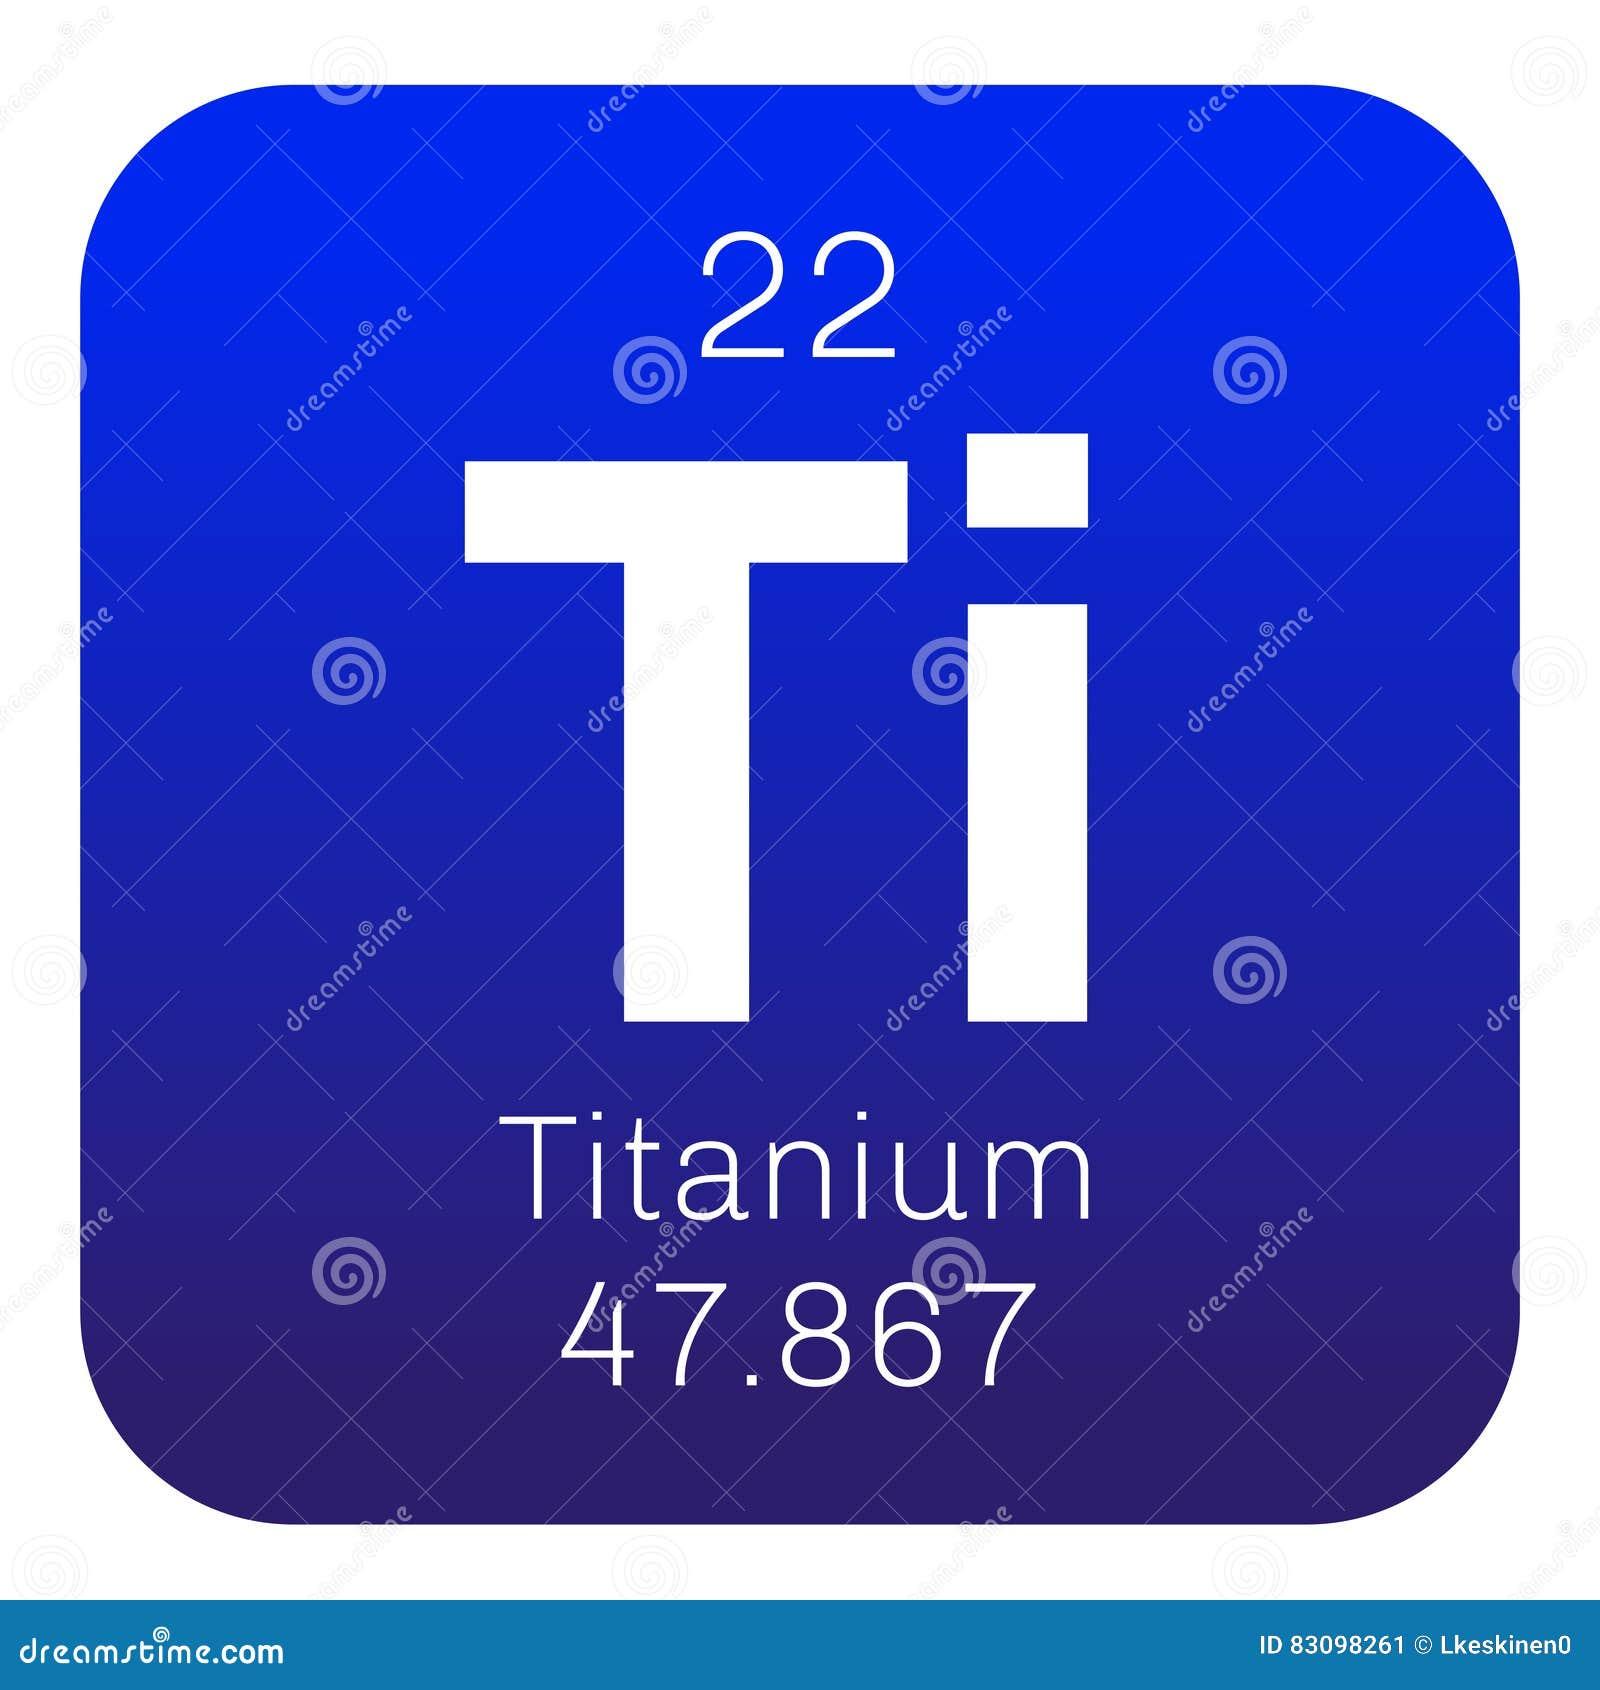 Titanium Chemical Element Stock Image Image Of School 83098261